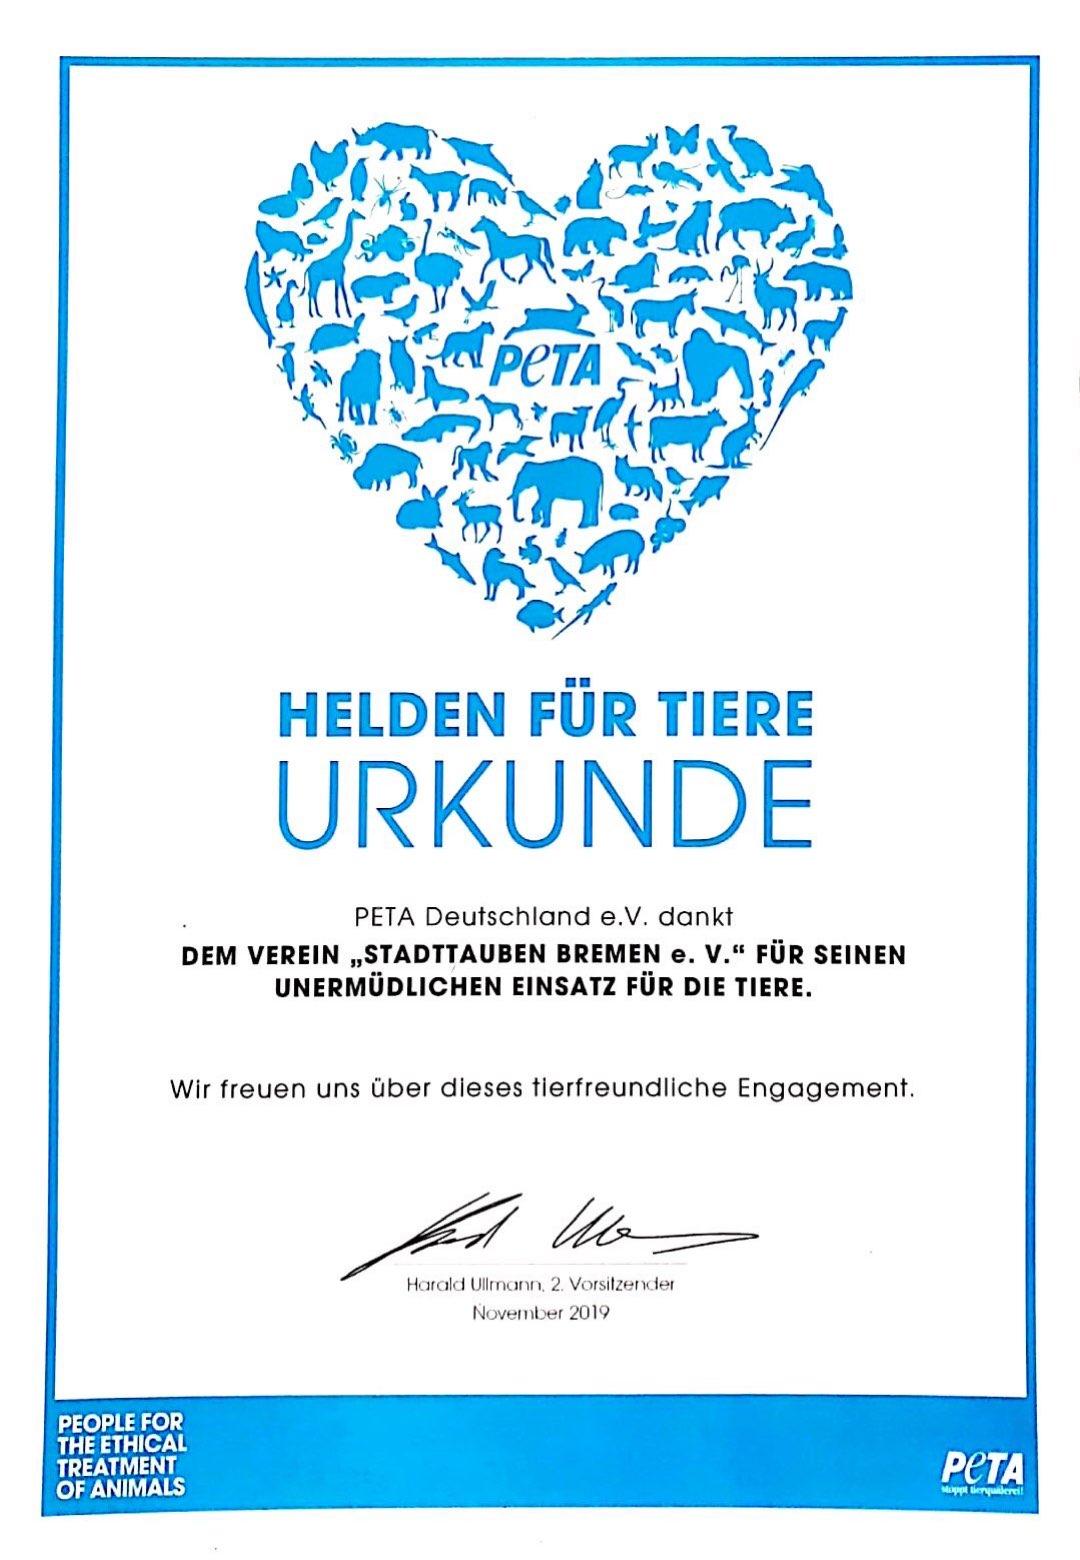 Helden für Tiere Urkunde für Stadttauben Bremen e.V.